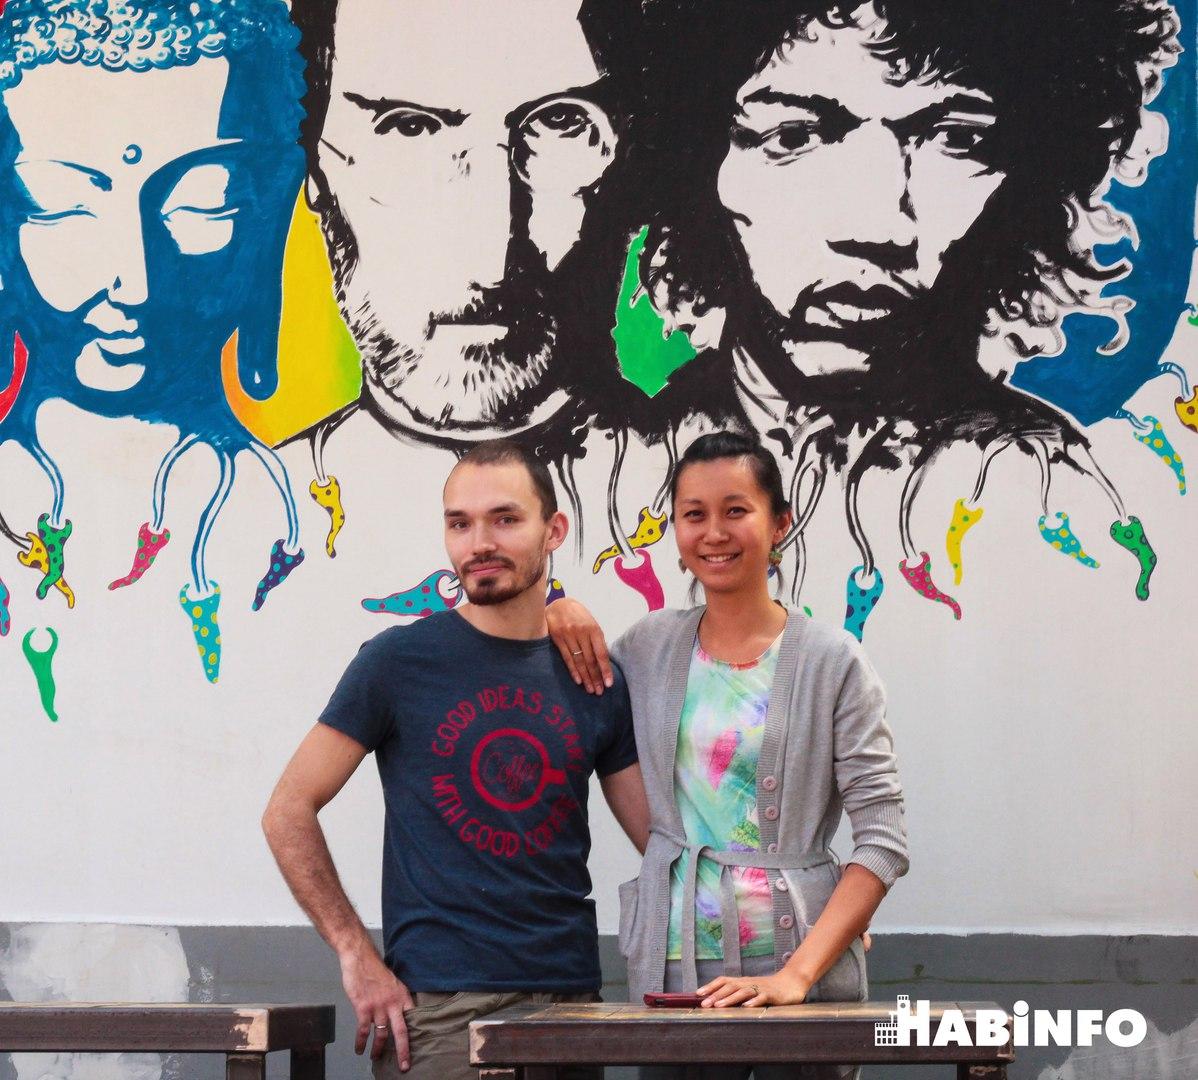 От Стива Джобса до «Битлз»: что рисуют хабаровские художники на домах и кафе